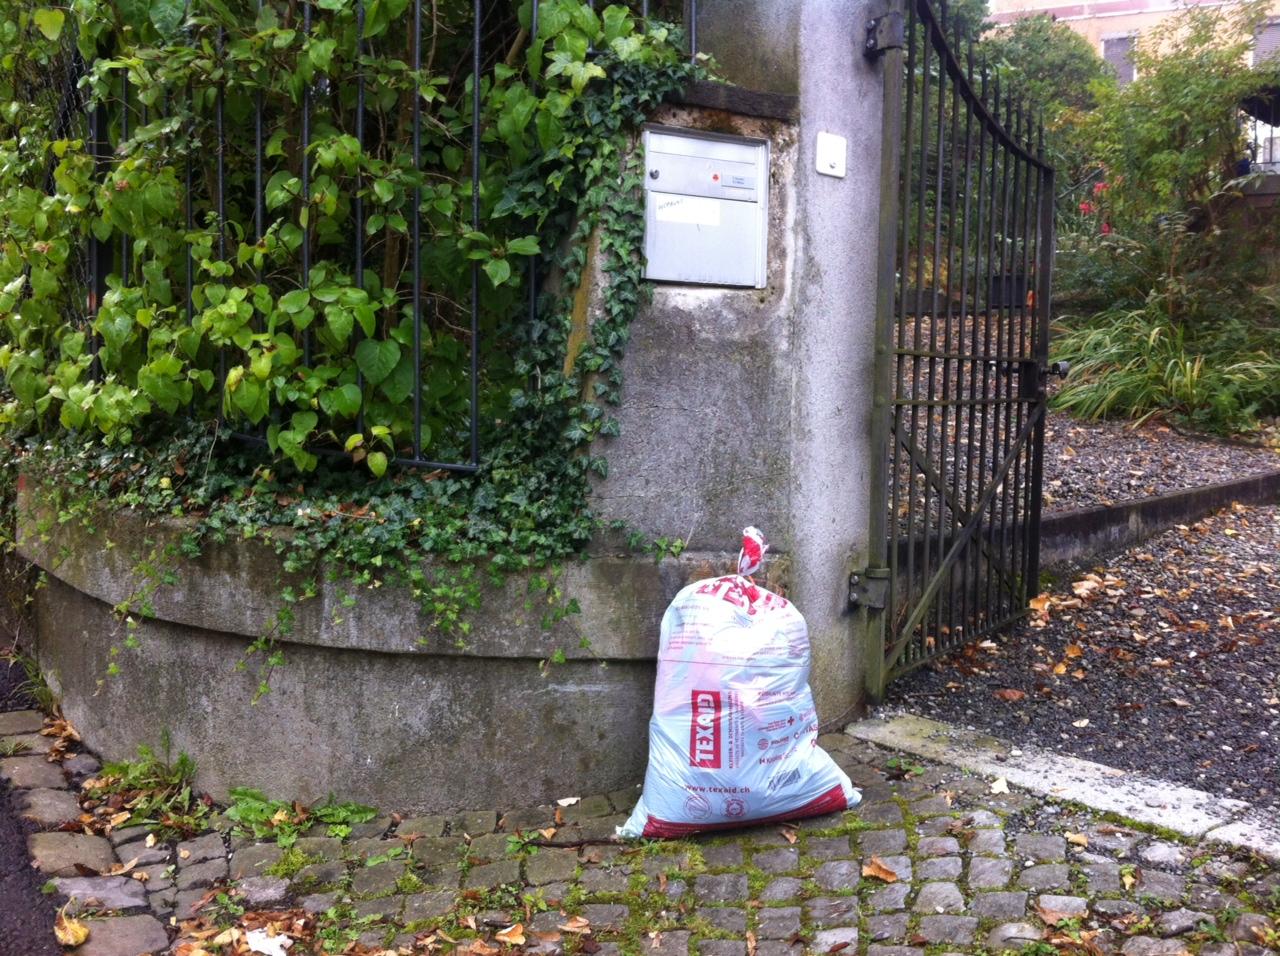 Abends raus und morgens weg: Der Kleidersack wird vom Pöstler geholt. (Bild: web)